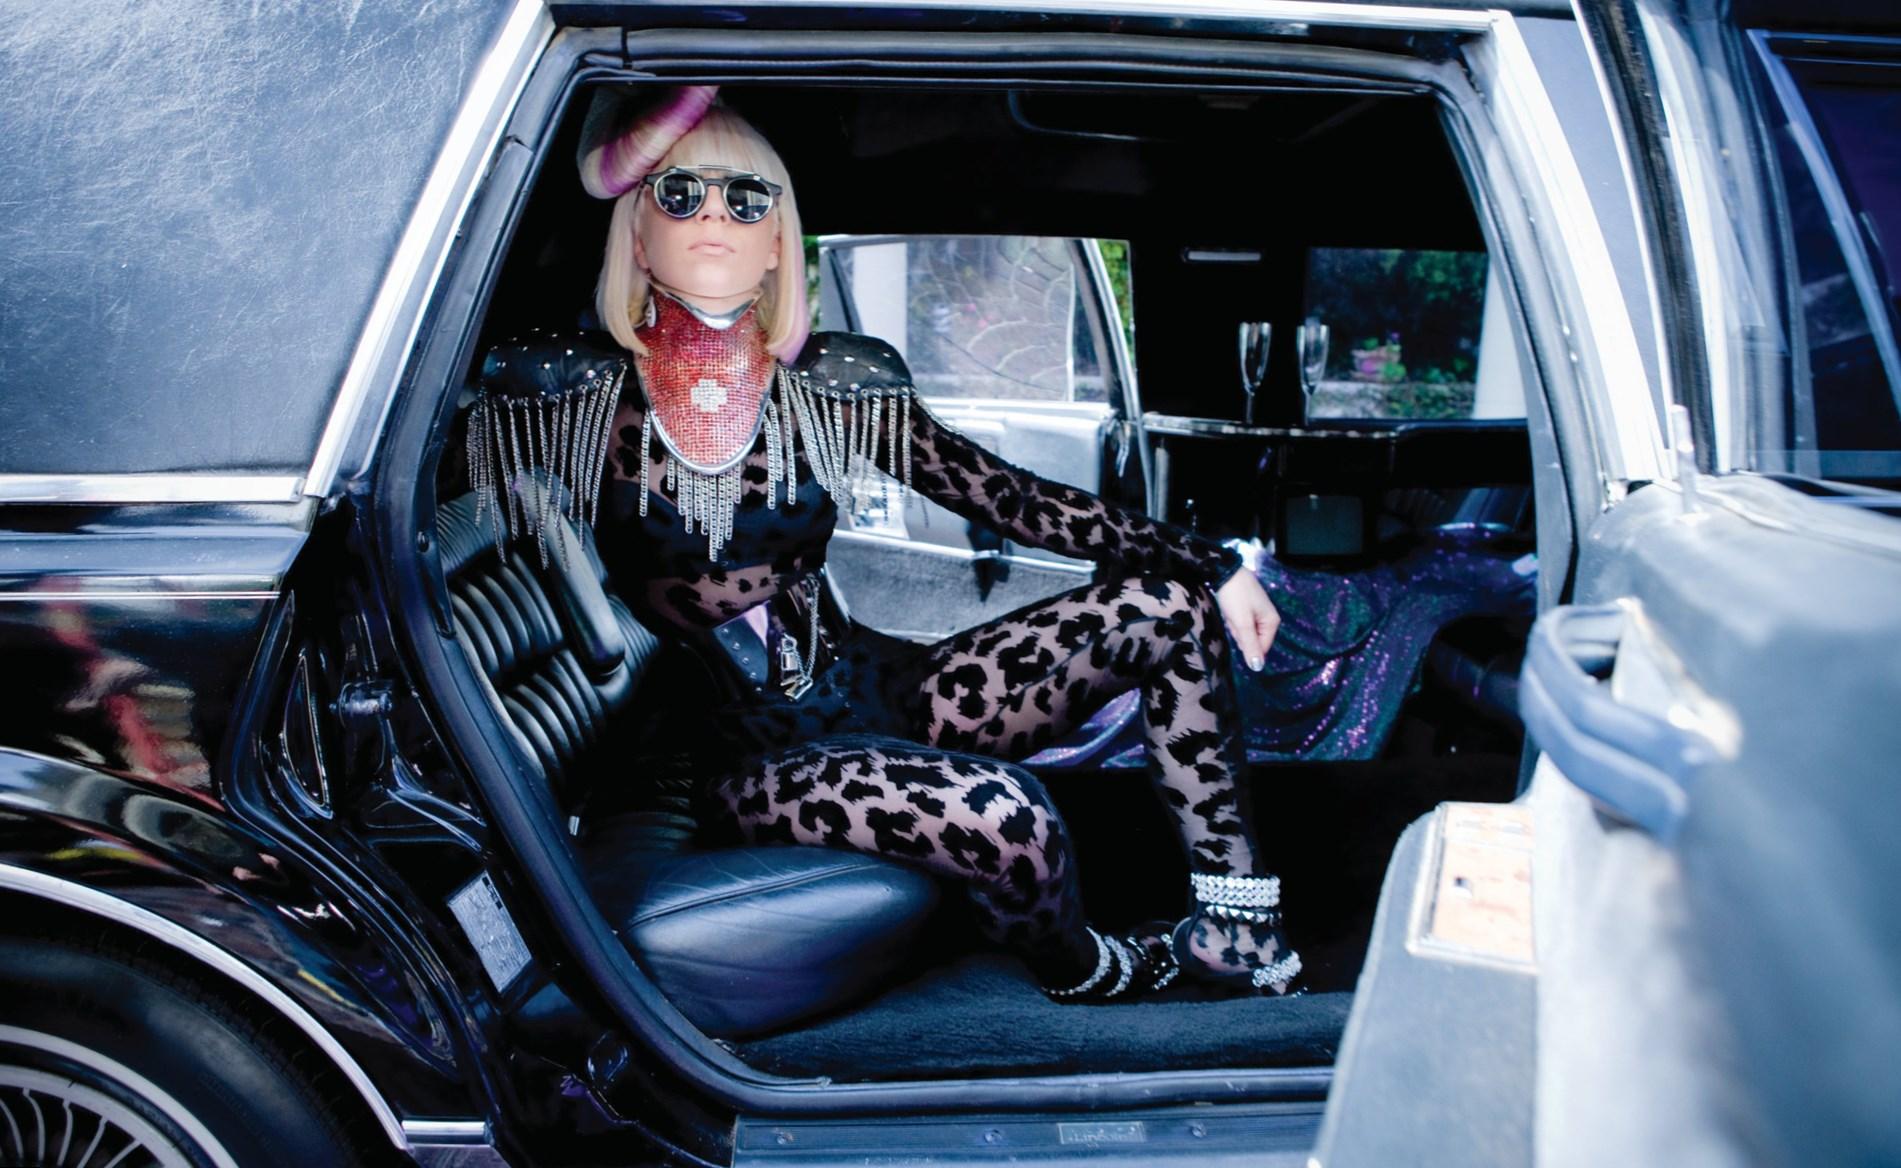 2015 Mercedes Gl450 >> Lady Gaga - Celebrity Net Worth - Salary, House, Car